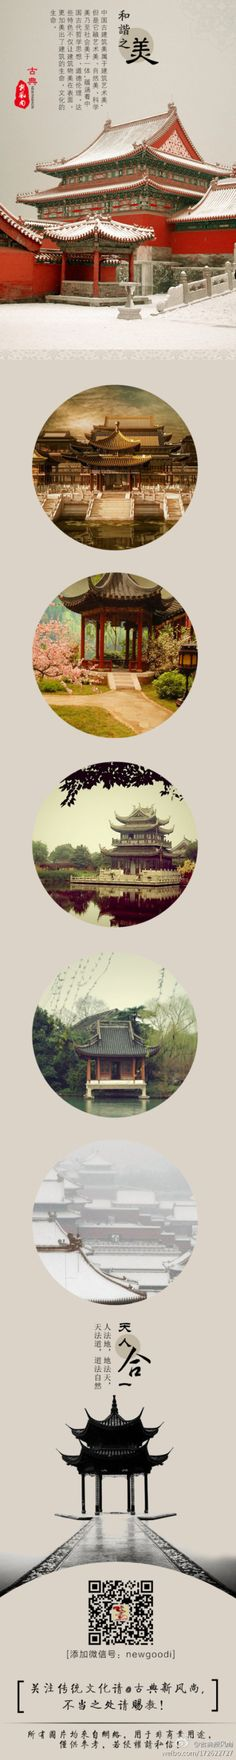 中国建筑,天人合一的和谐之美,雕梁画栋, 瑰丽壮观.